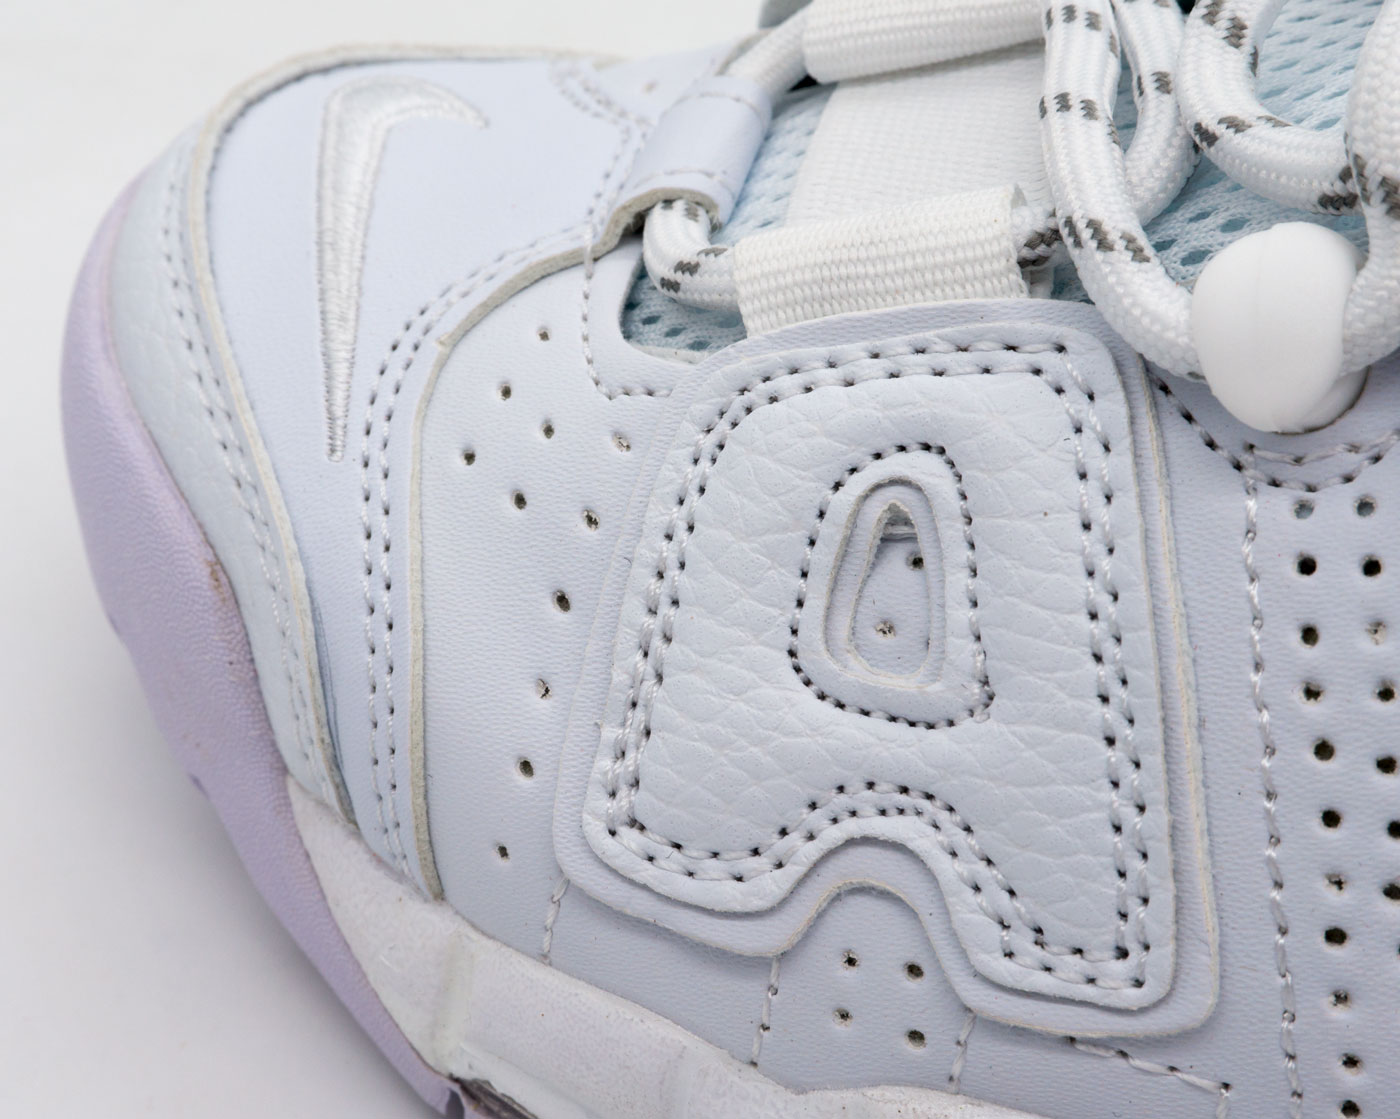 большое фото №5 Кроссовки Nike Air More Uptempo белые. Топ качество!